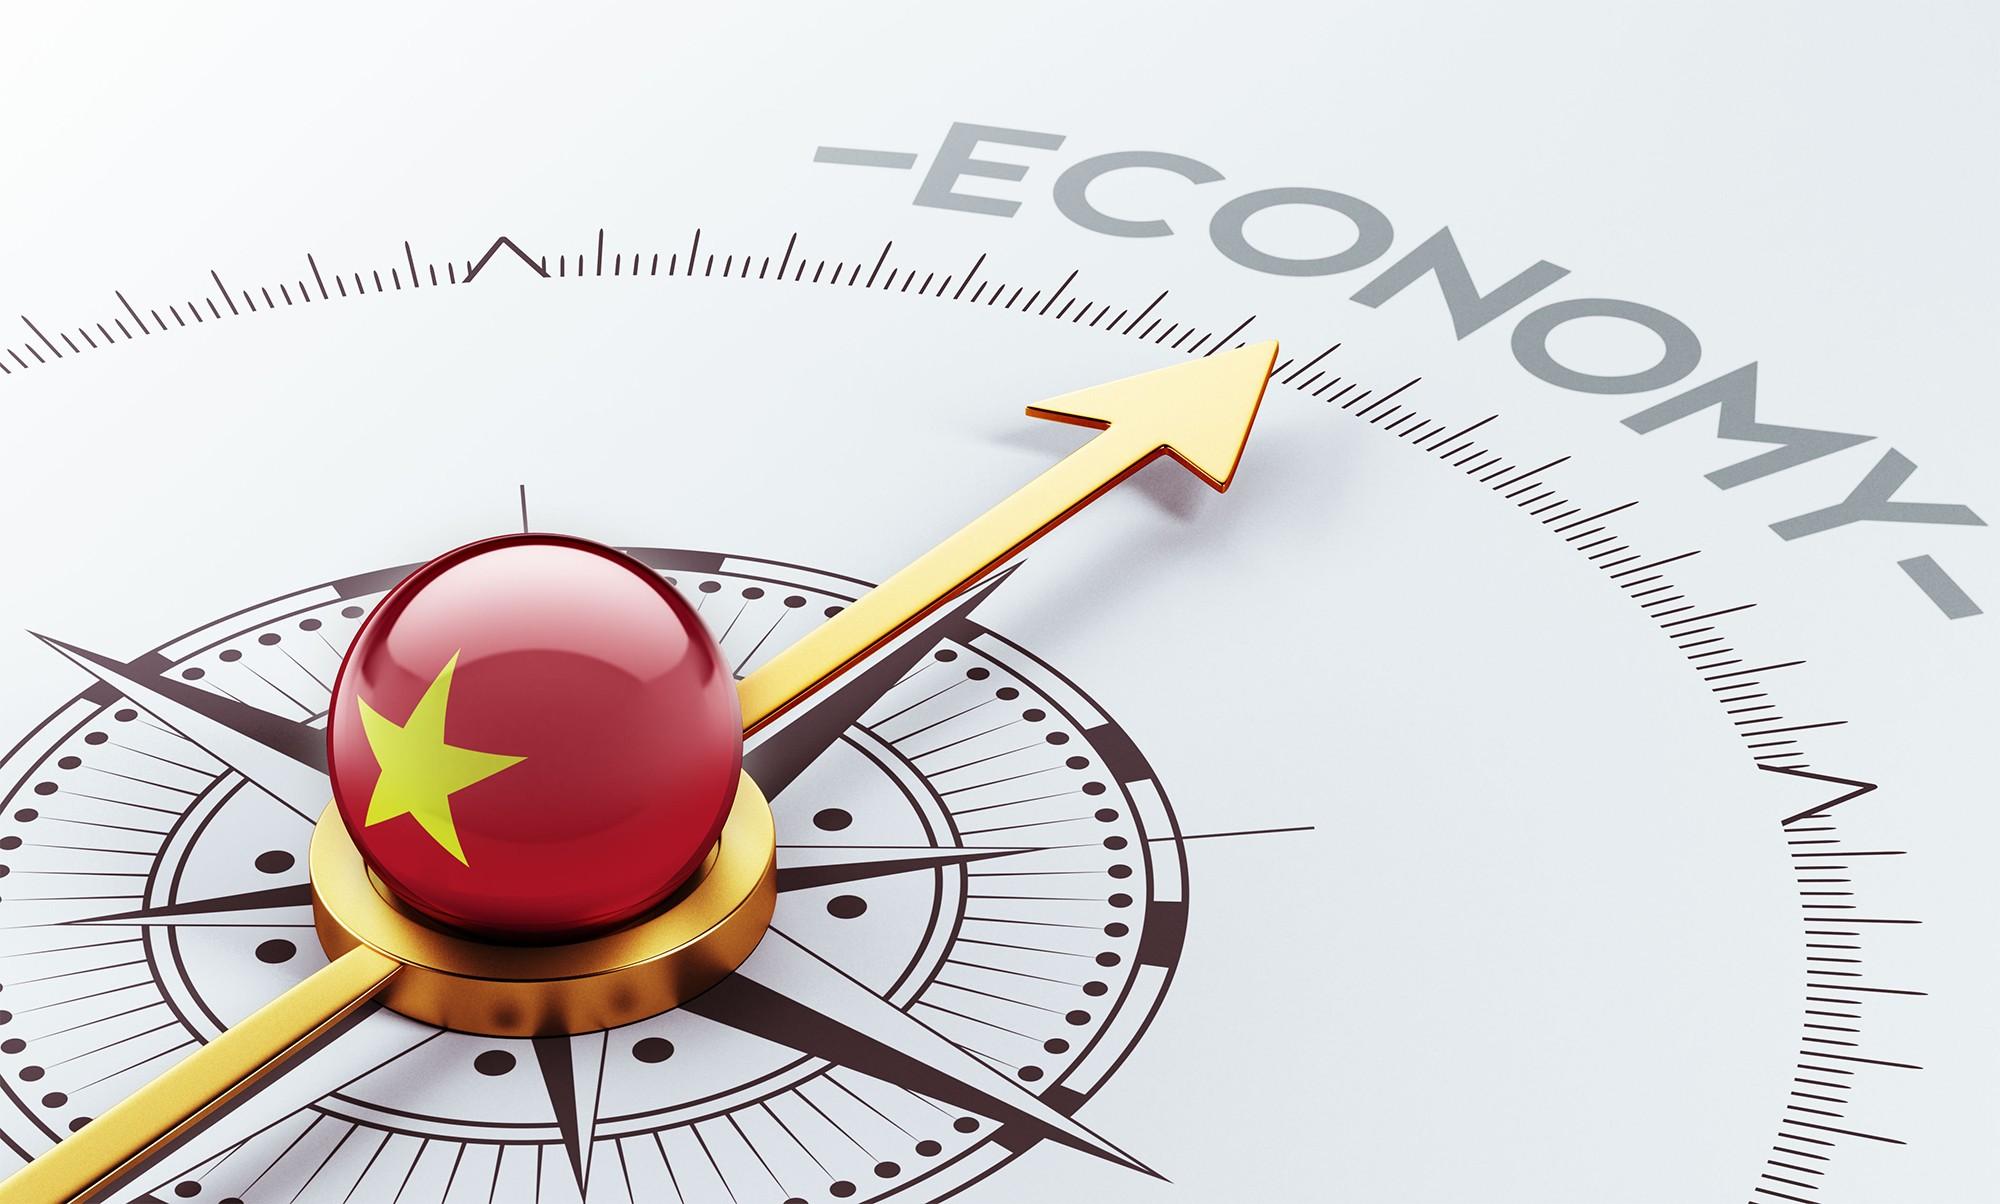 """Bốn hiệp hội doanh nghiệp nước ngoài: """"Cần lộ trình mở cửa lại rõ ràng, tránh quay lại các biện pháp hạn chế tương tự trong tương lai"""""""